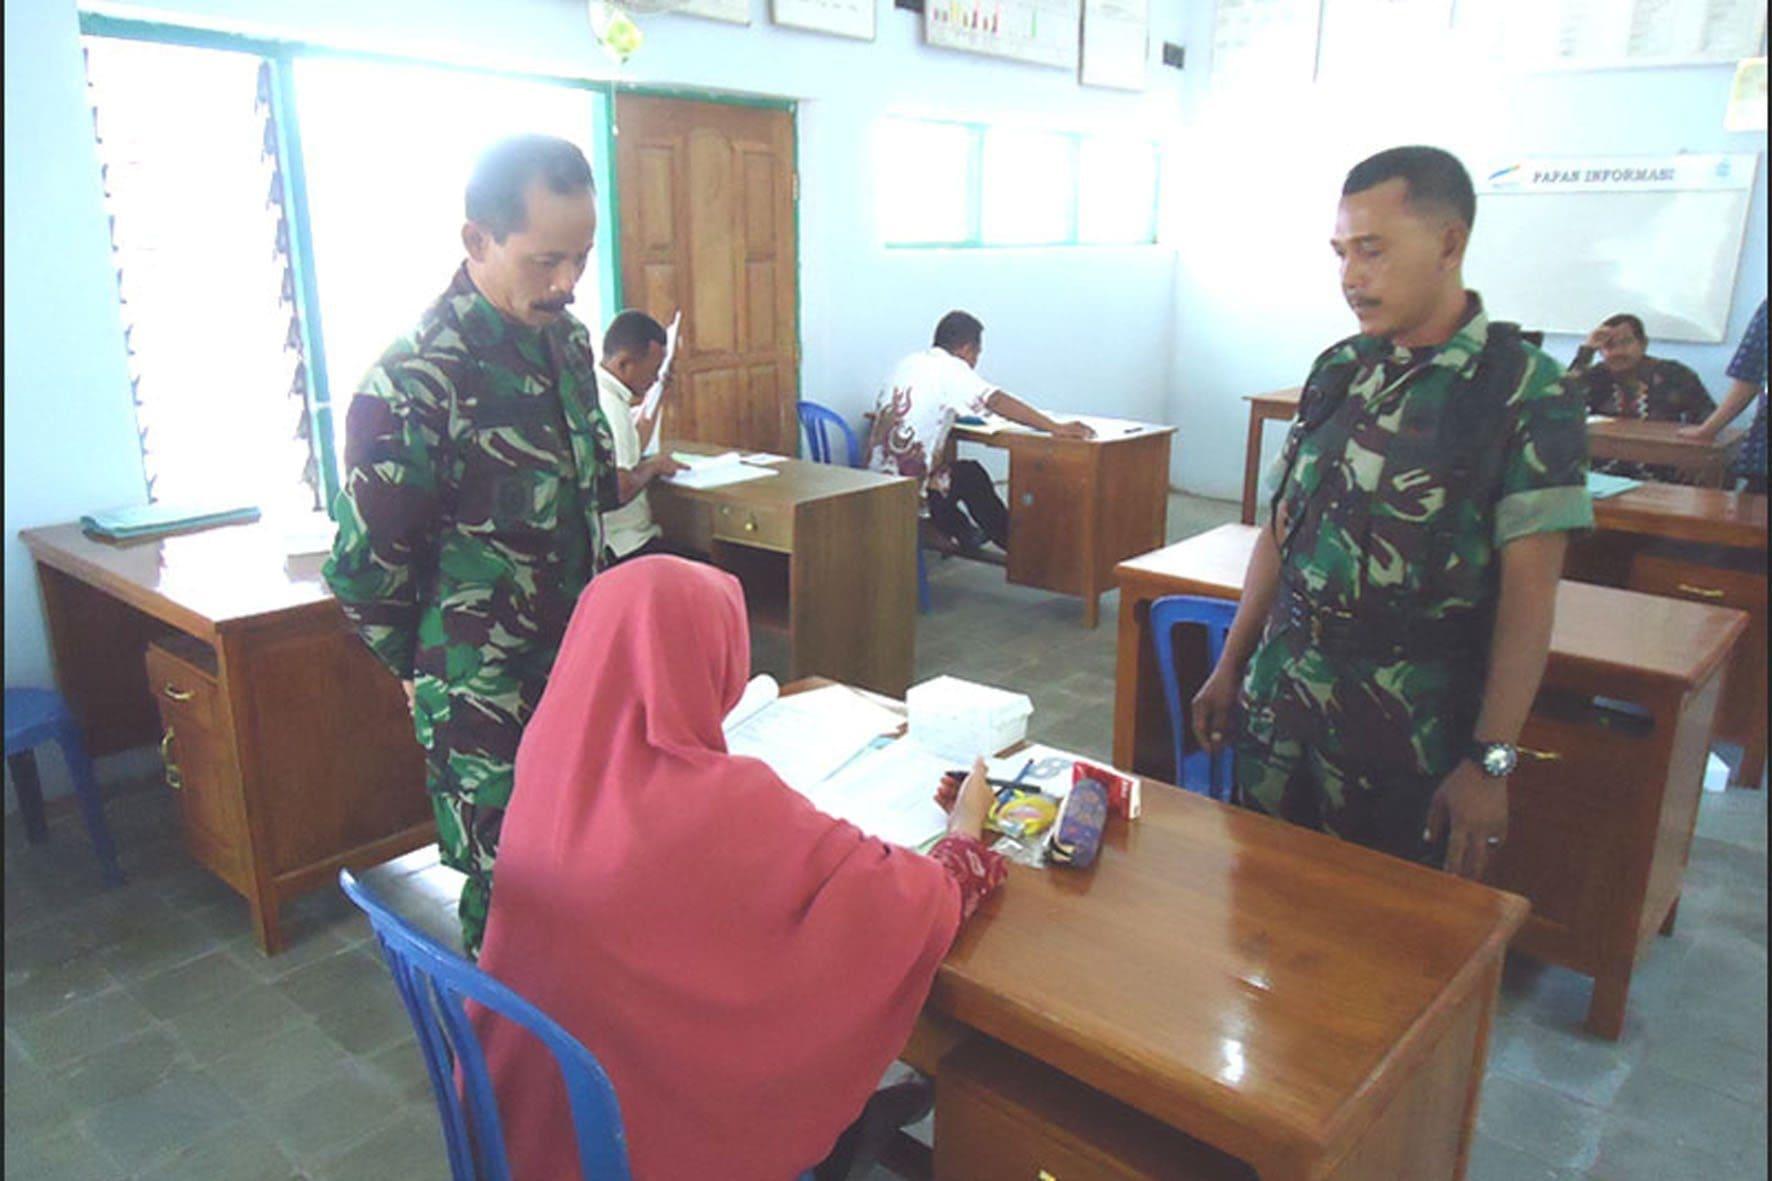 Danramil Bendo Dim Magetan Awasi Ujian Pengisian Perangkat Desa Tanjung